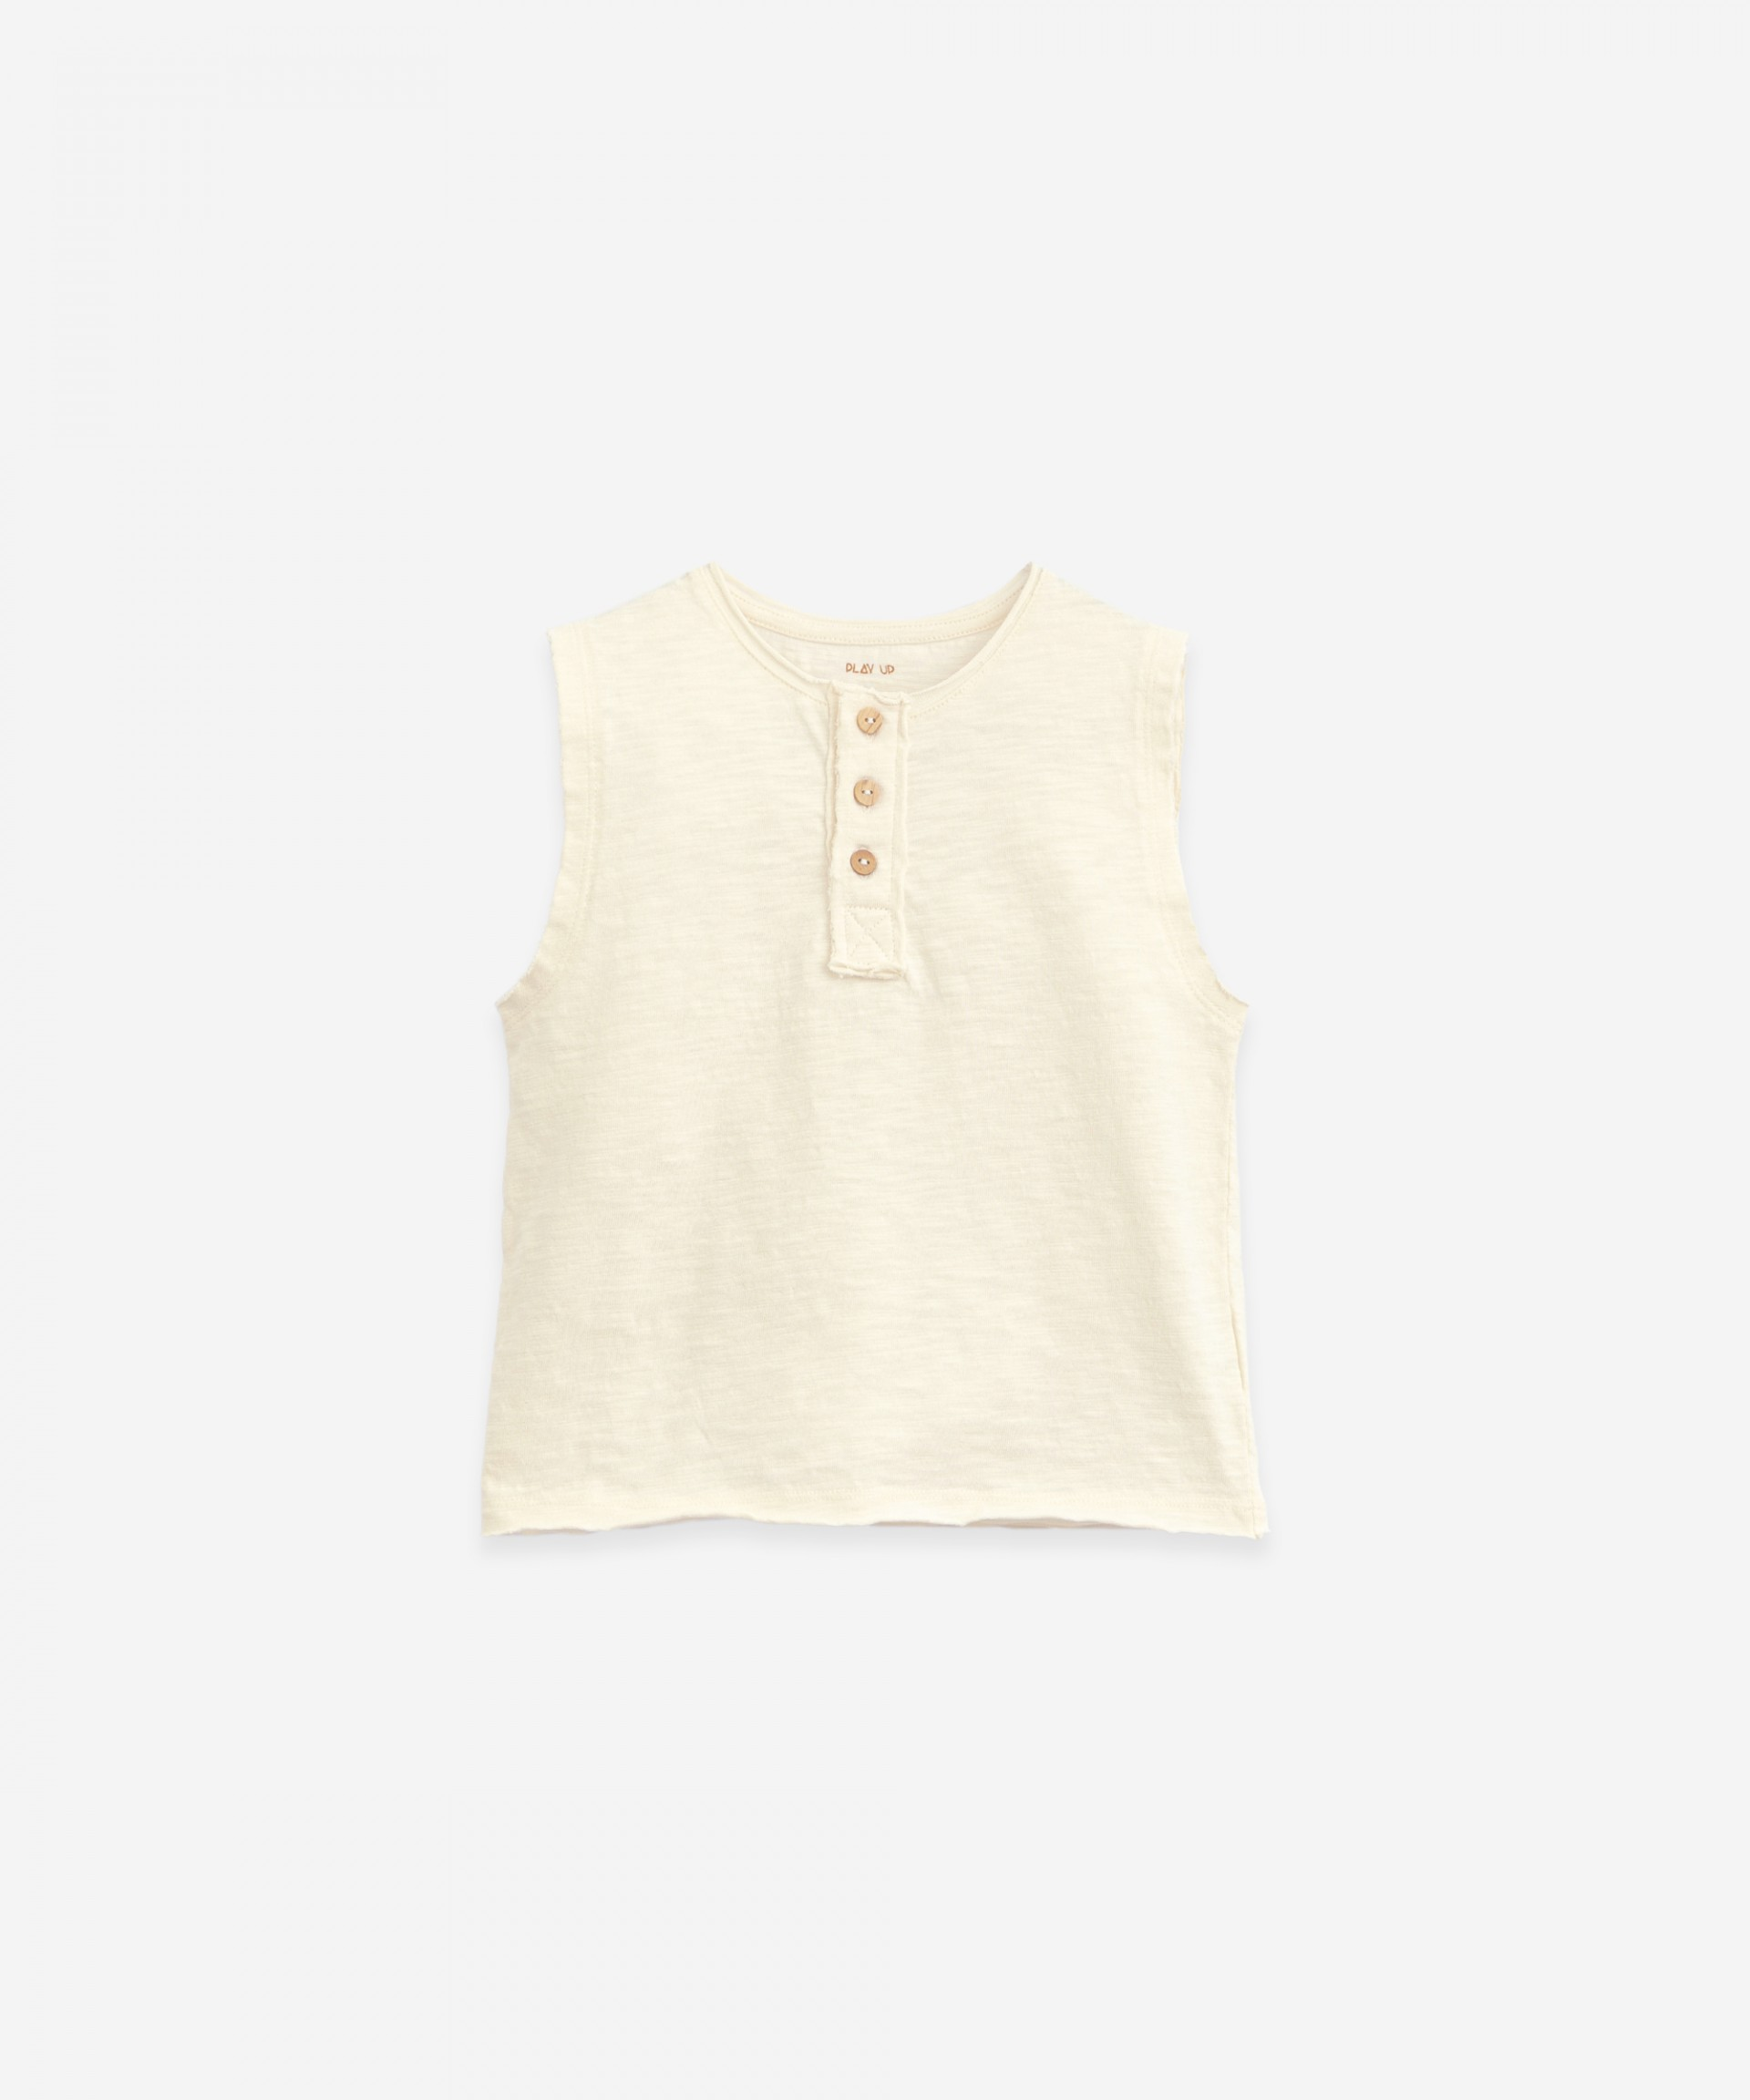 Sleeveless T-shirt | Botany